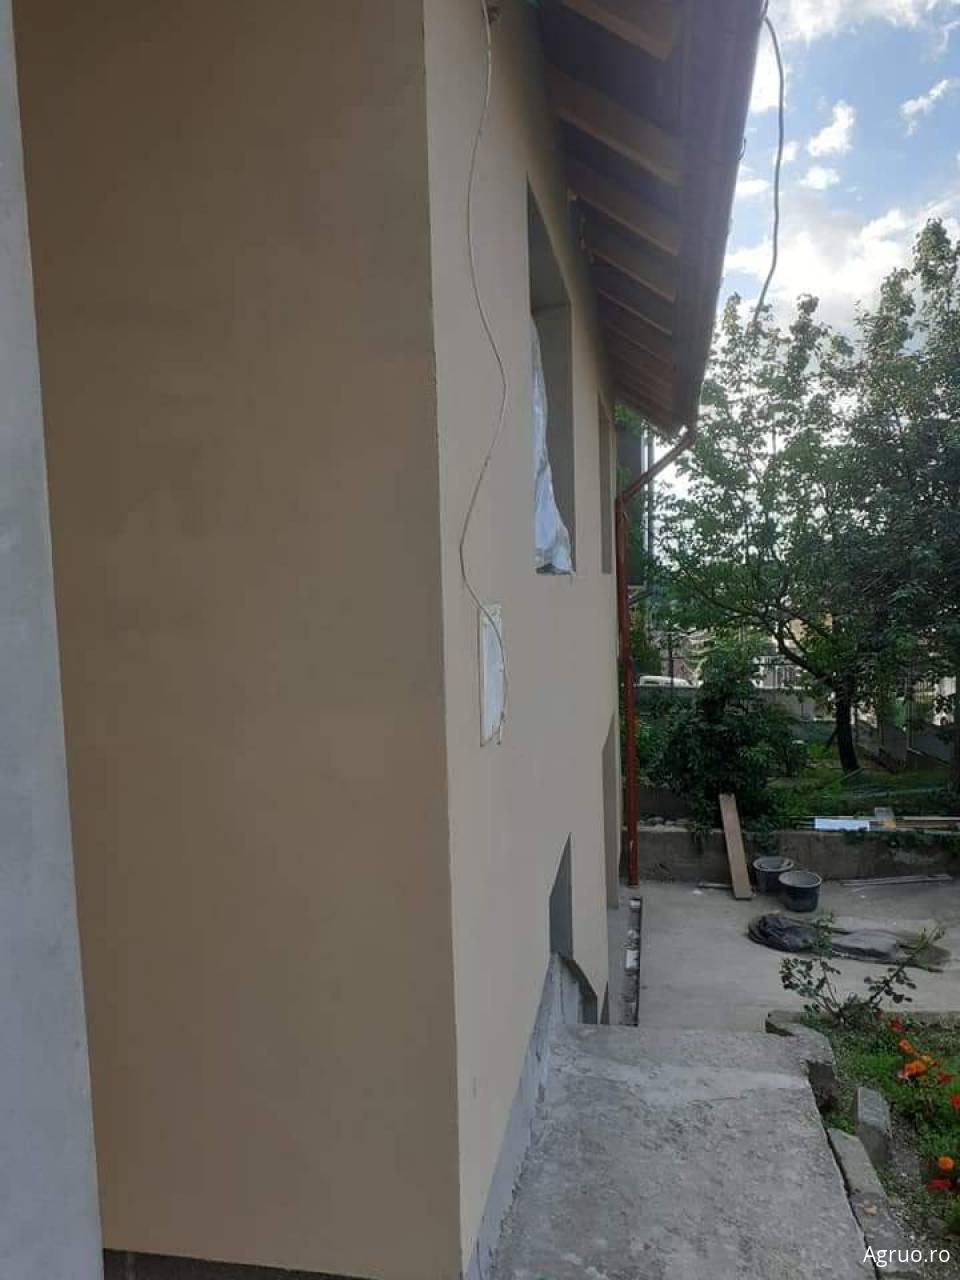 Tencuieli decorative50926